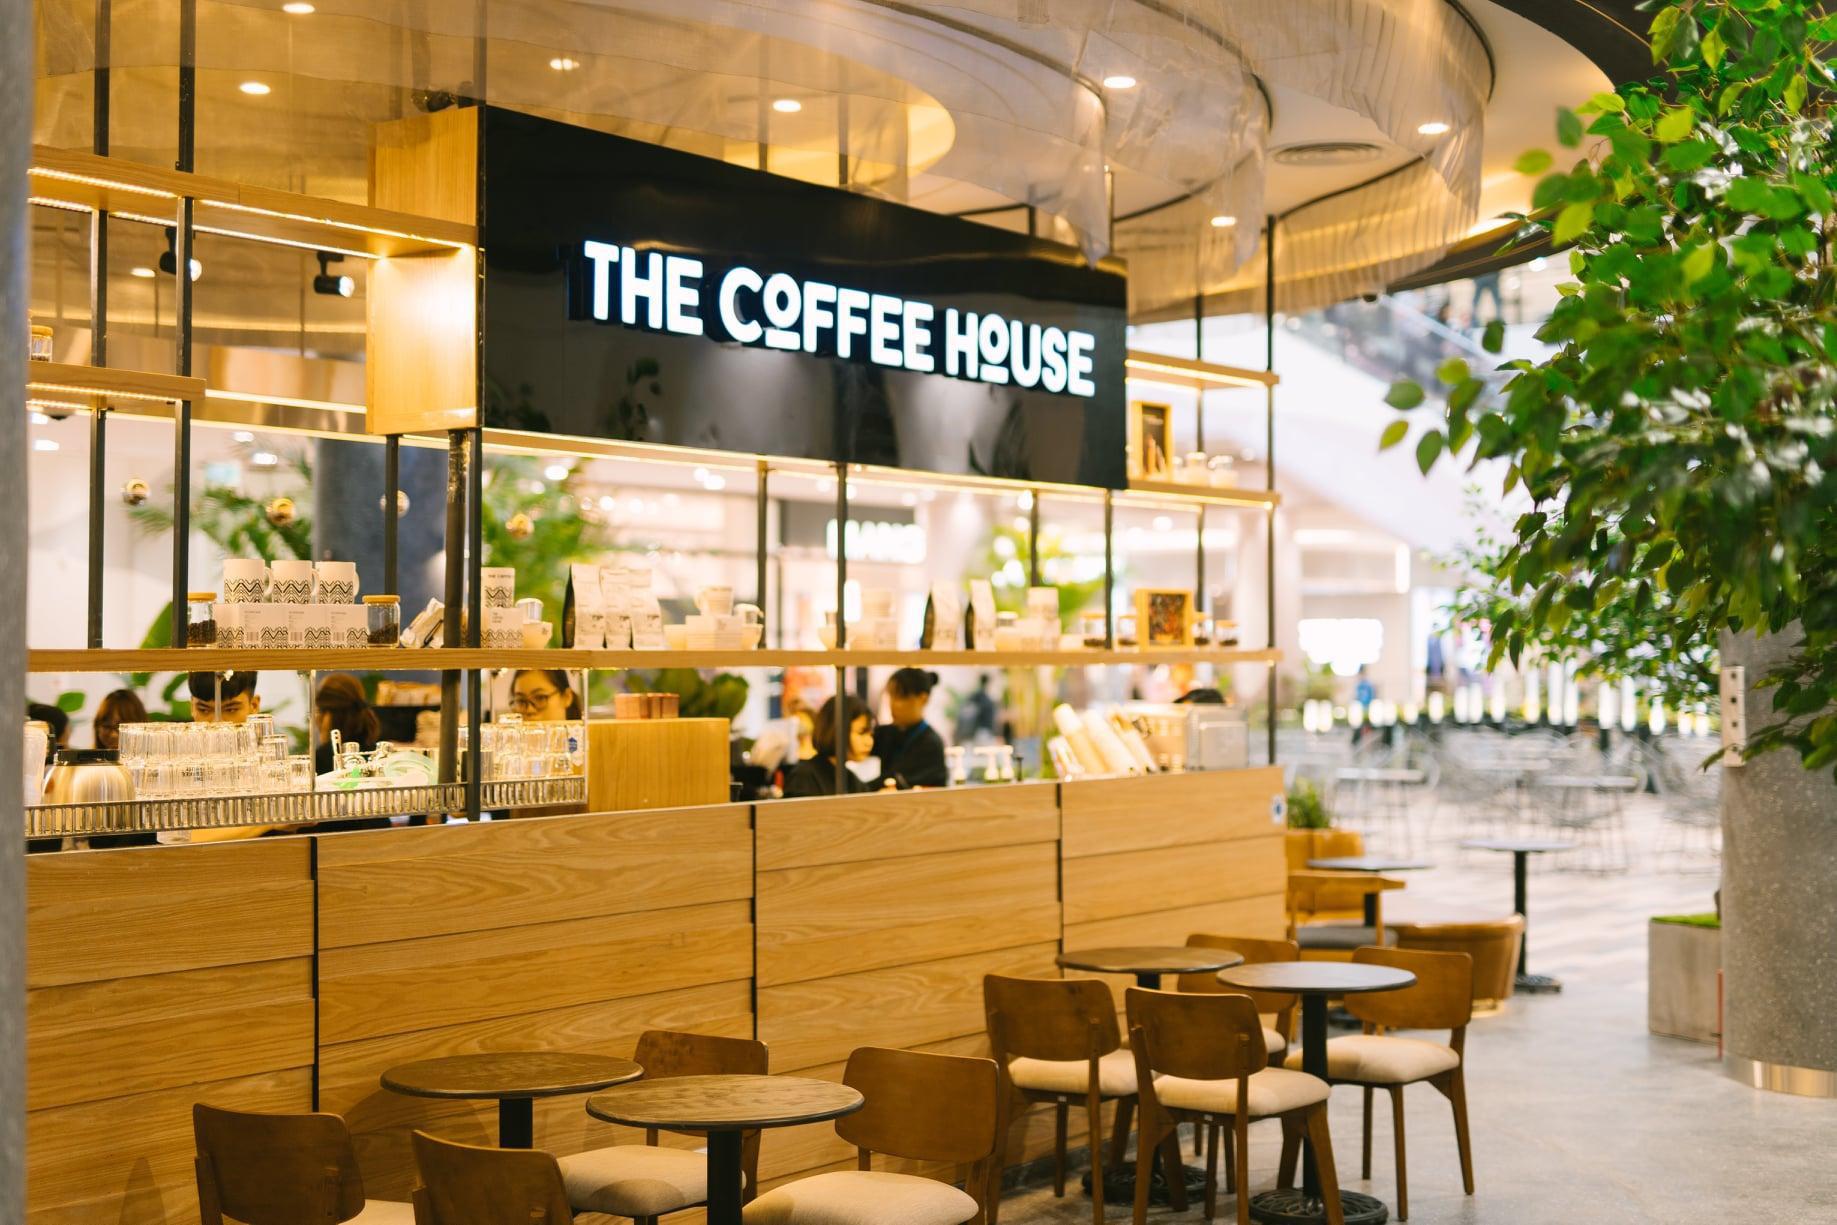 The Coffee House - Mục tiêu phát triển cà phê chất lượng để vươn tầm thế giới - Ảnh 3.